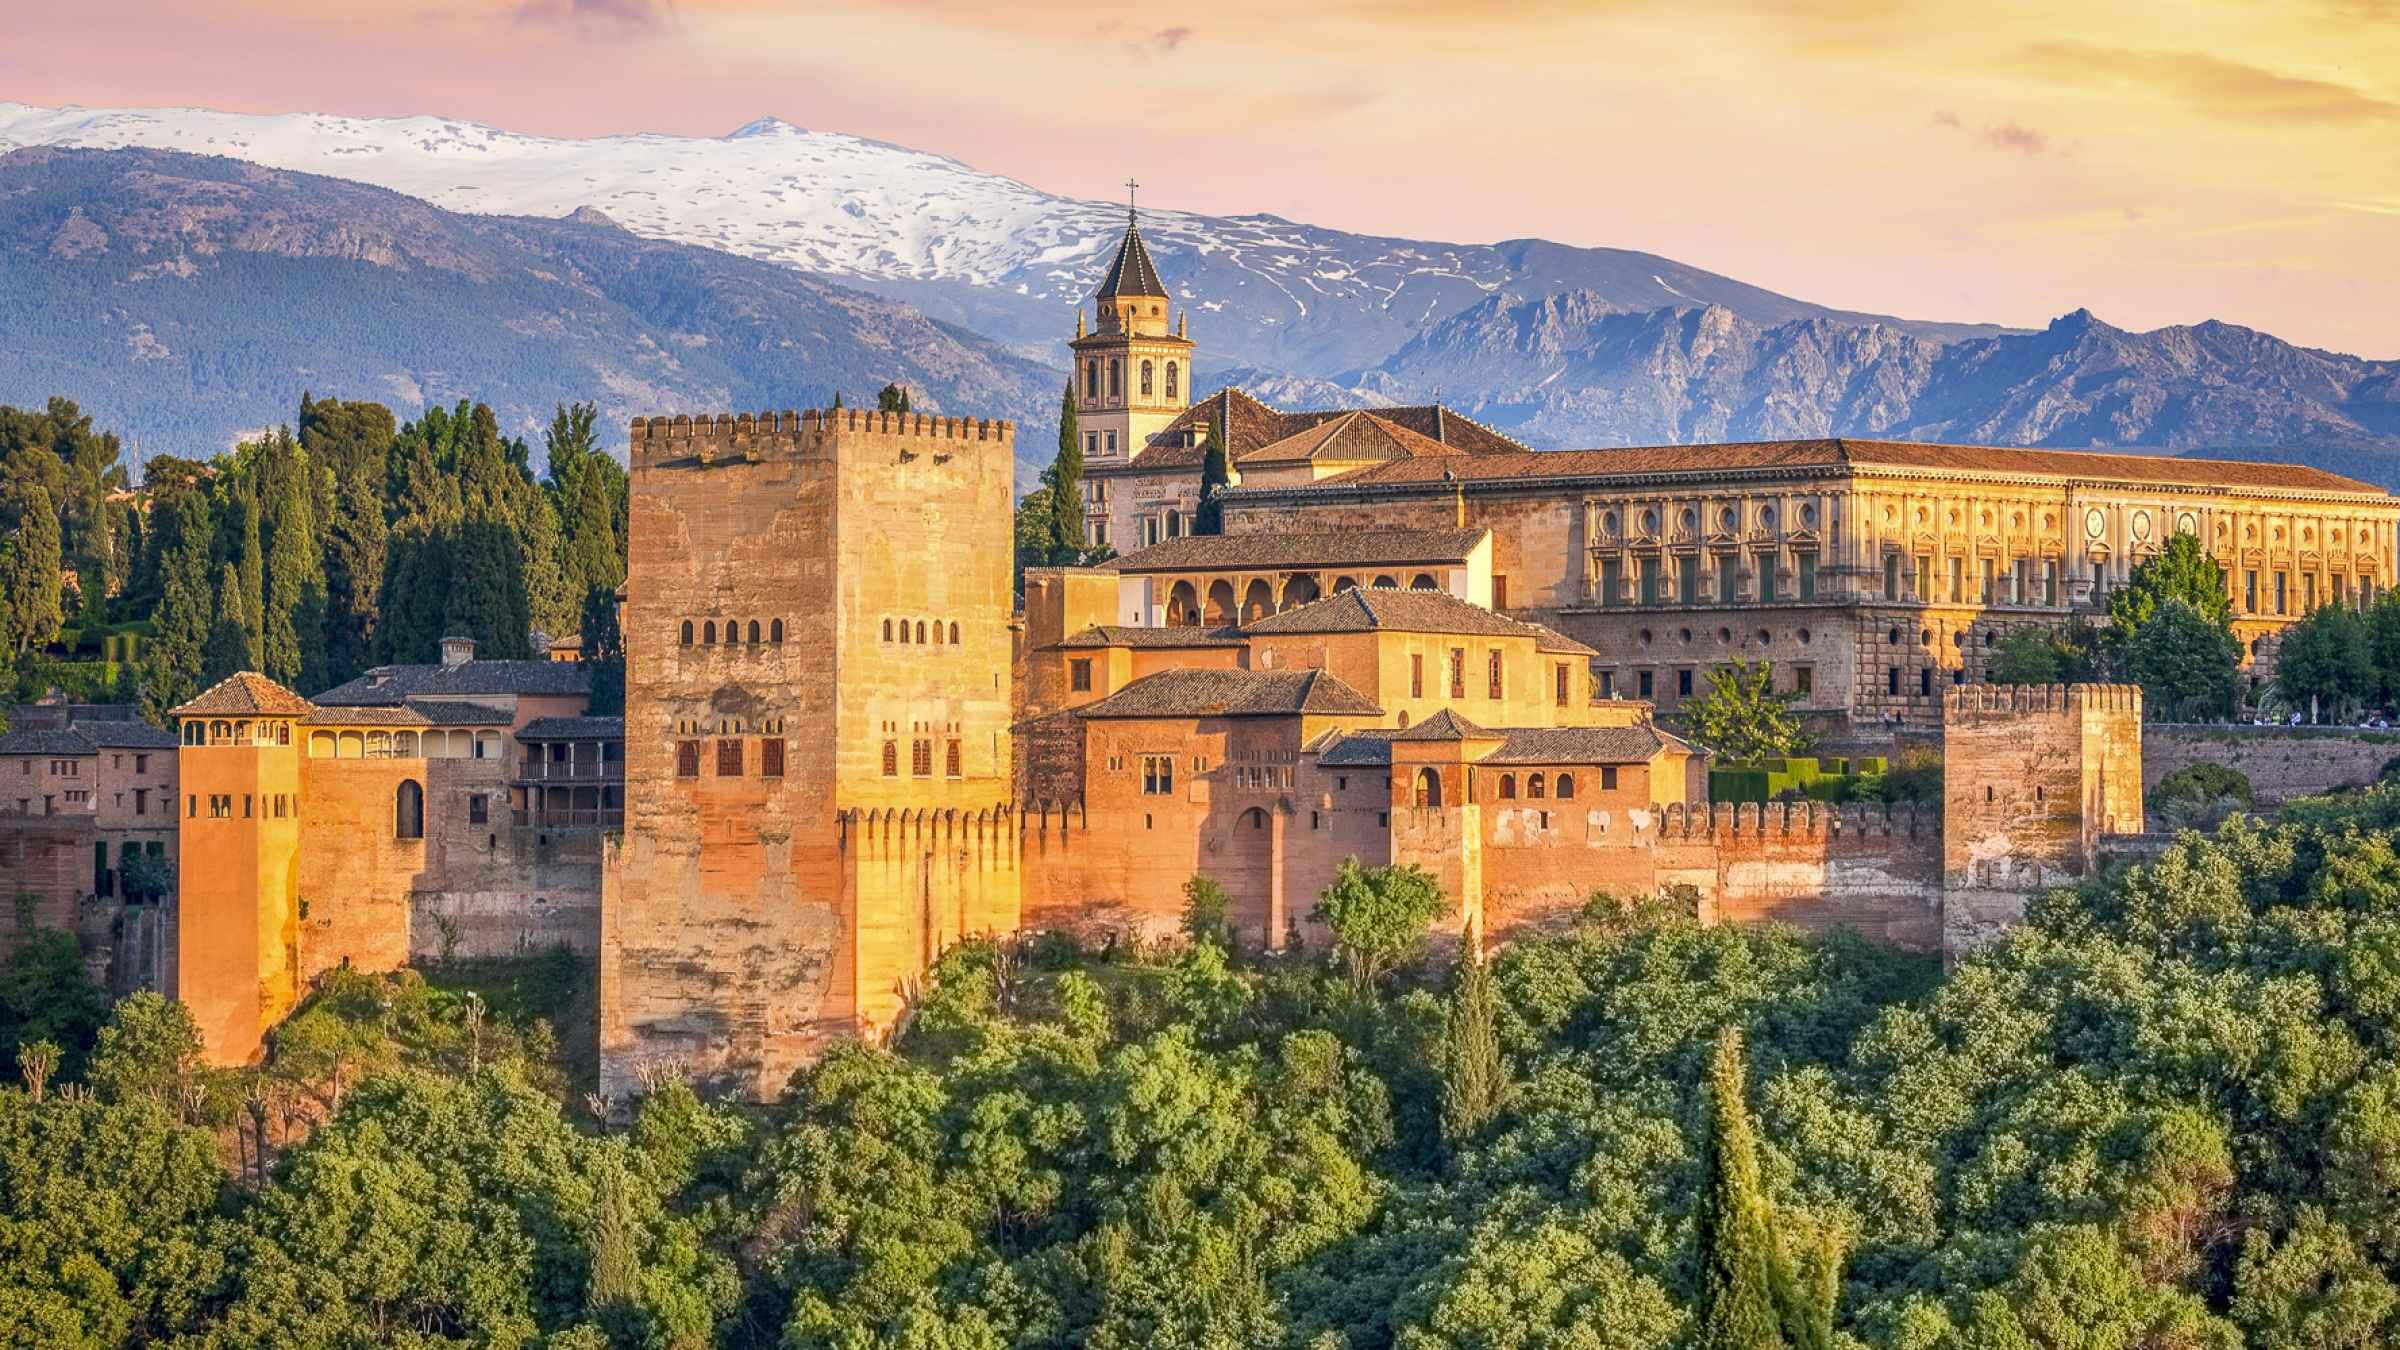 Entrada con visita a la Alhambra y Generalife